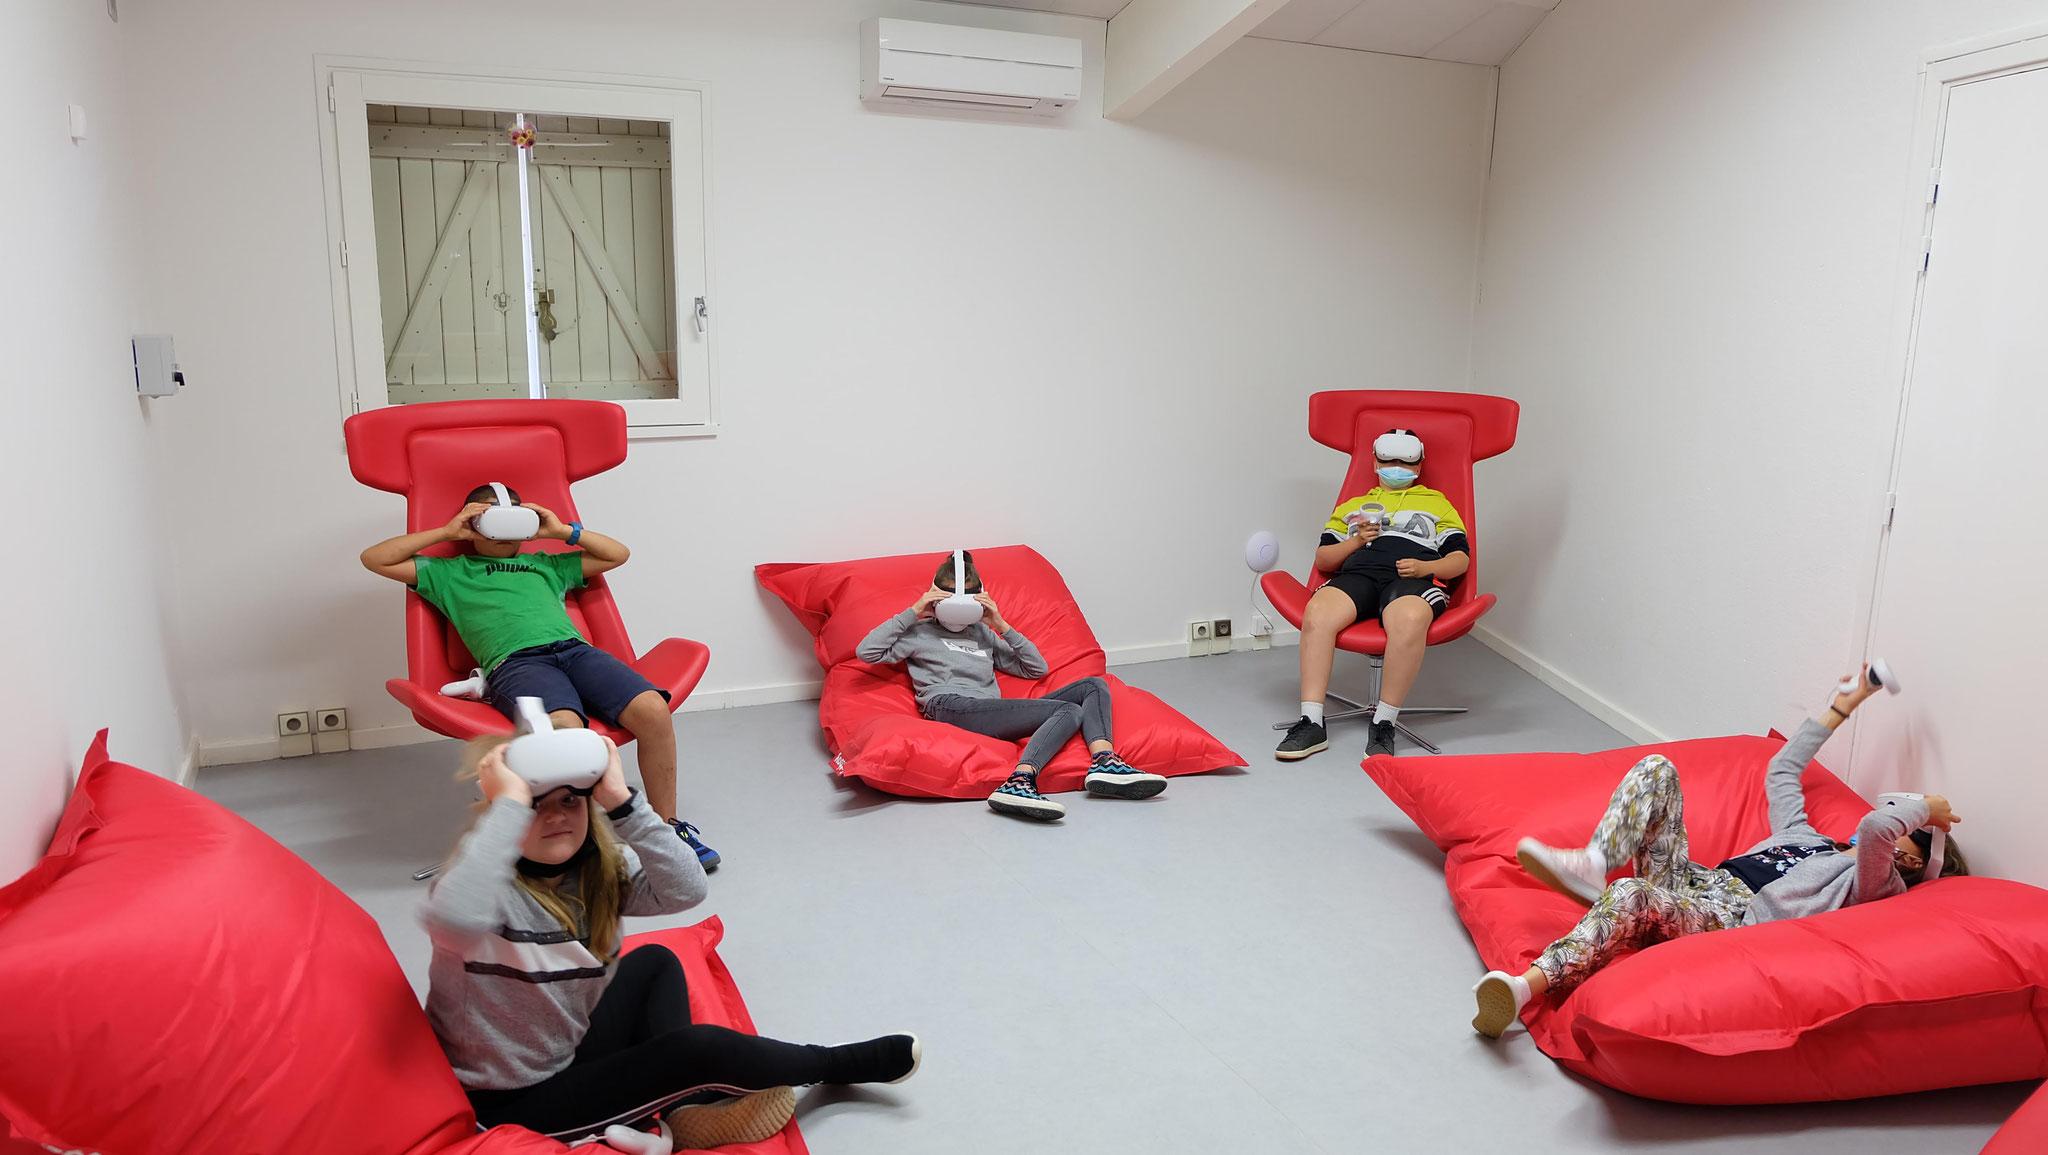 même les casques de réalité virtuelle y trouvent une place.